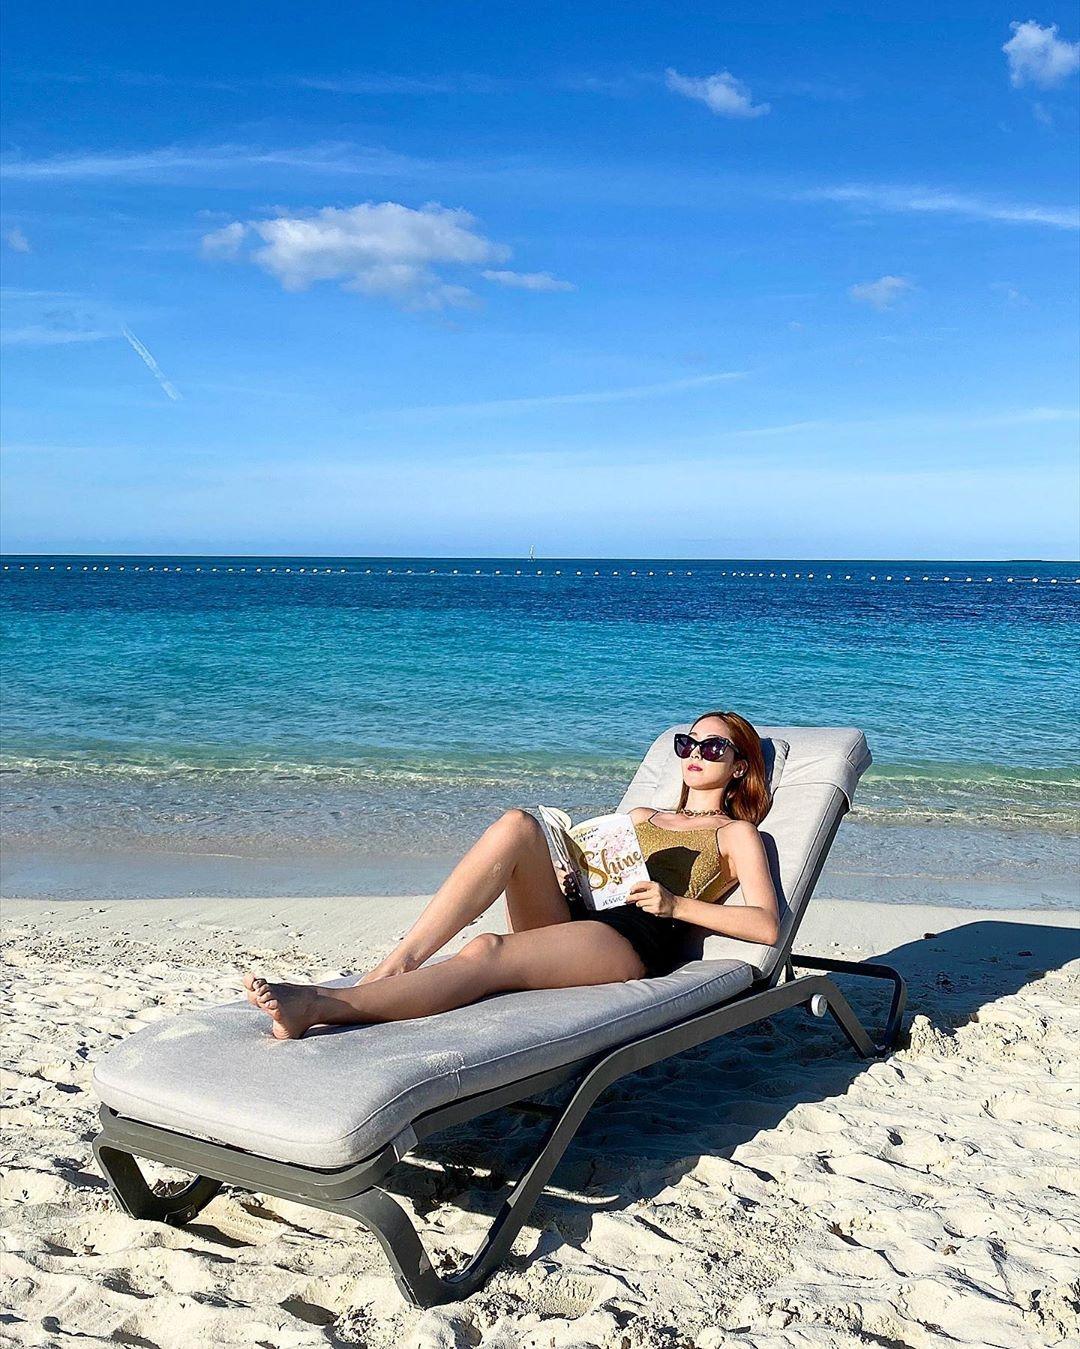 郑秀妍公开在海边读书的优雅姿态 性感的美腿!